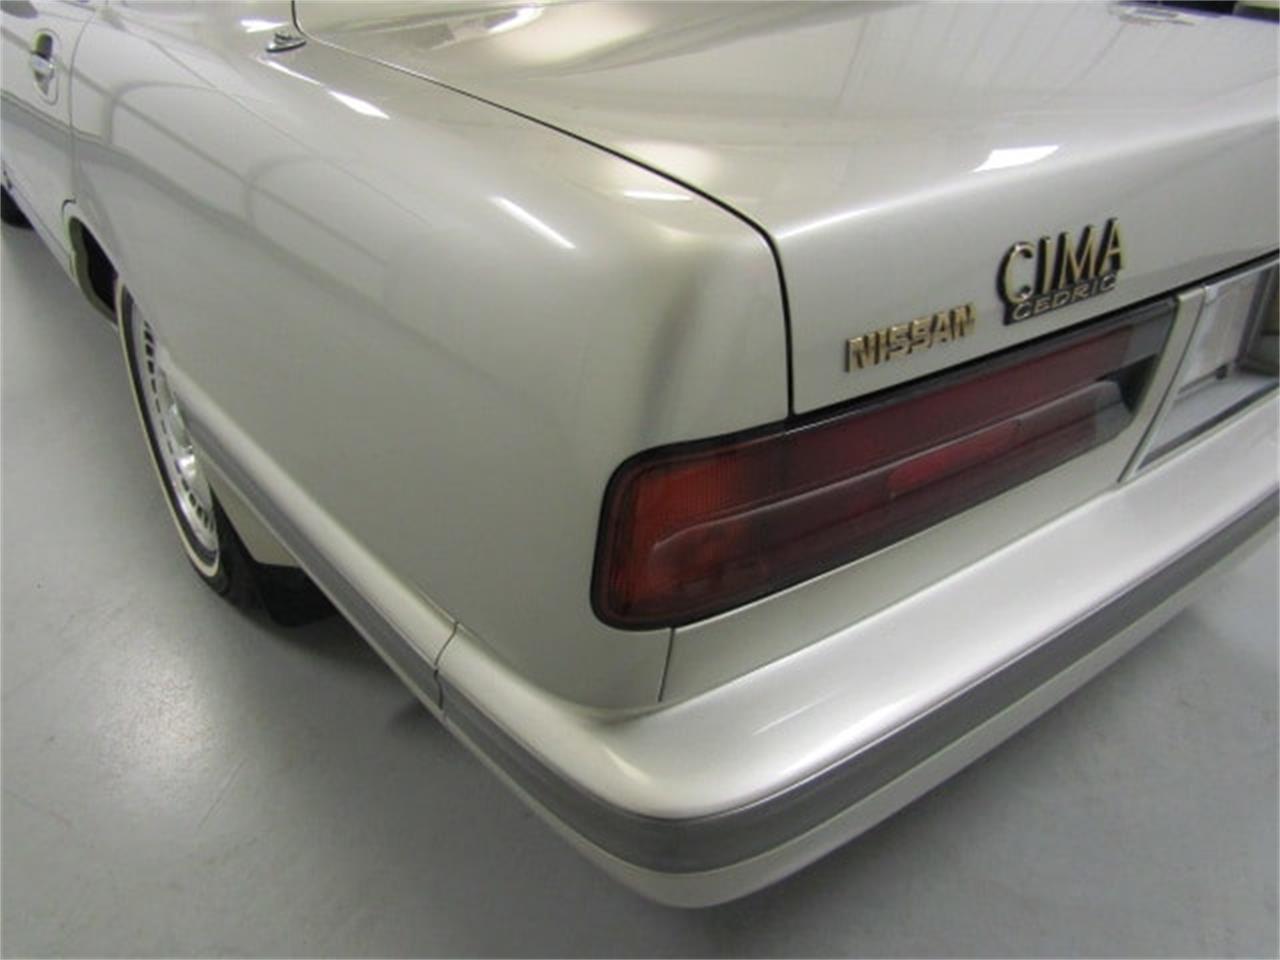 Large Picture of 1990 Nissan Cima - $6,900.00 - JZ2V